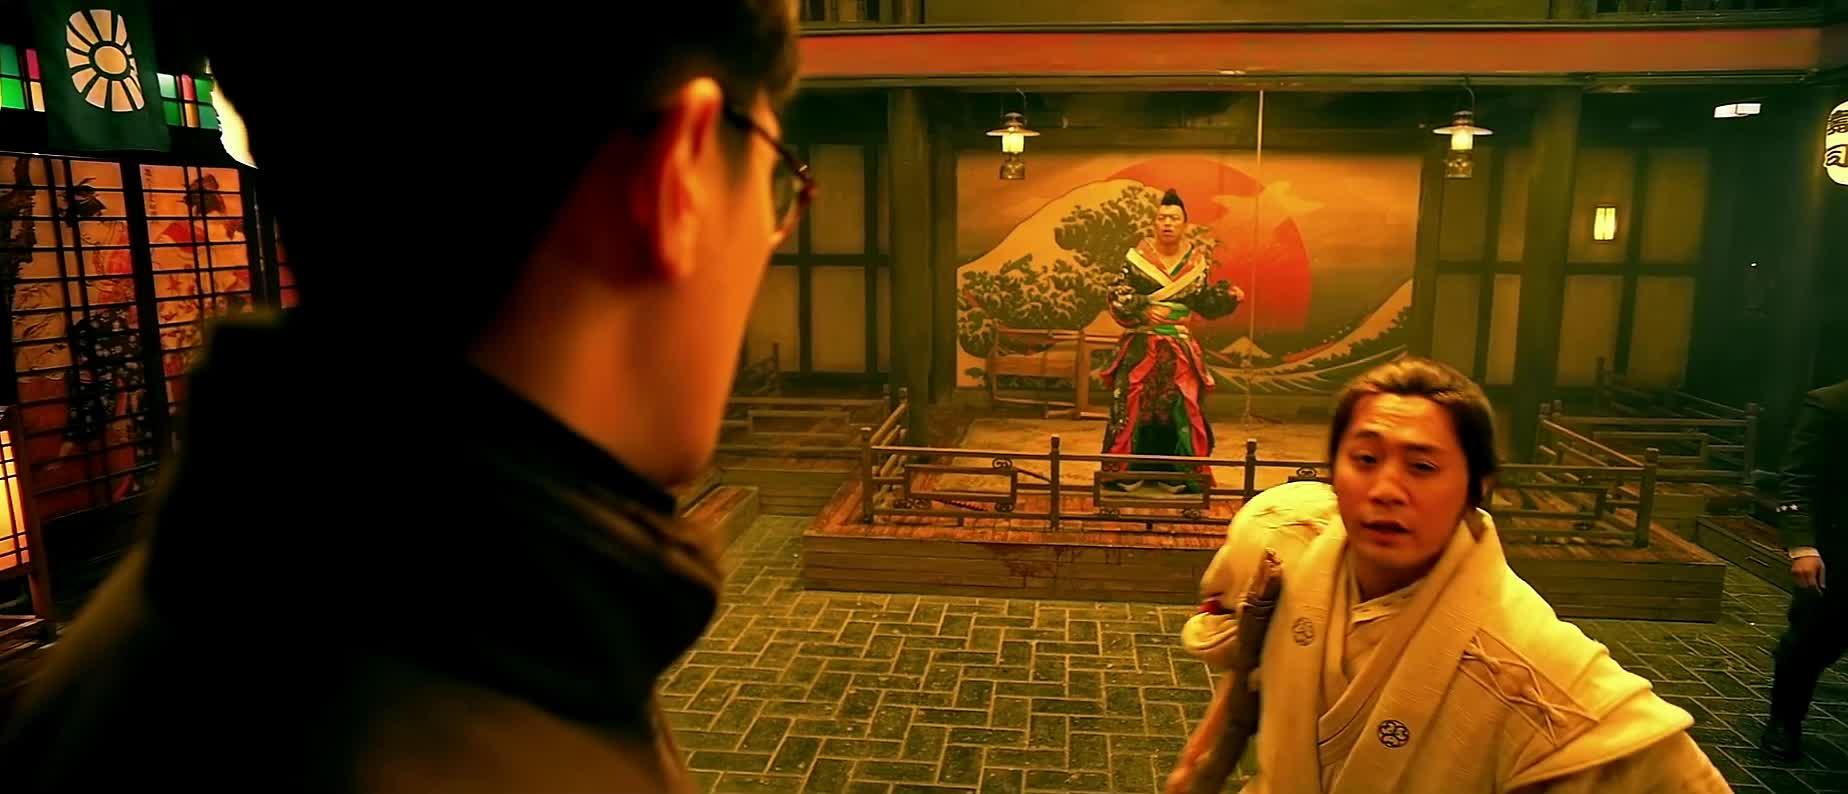 #经典看电影#为救刘烨老婆不惜出卖肉体,黄渤真的拼了啊。